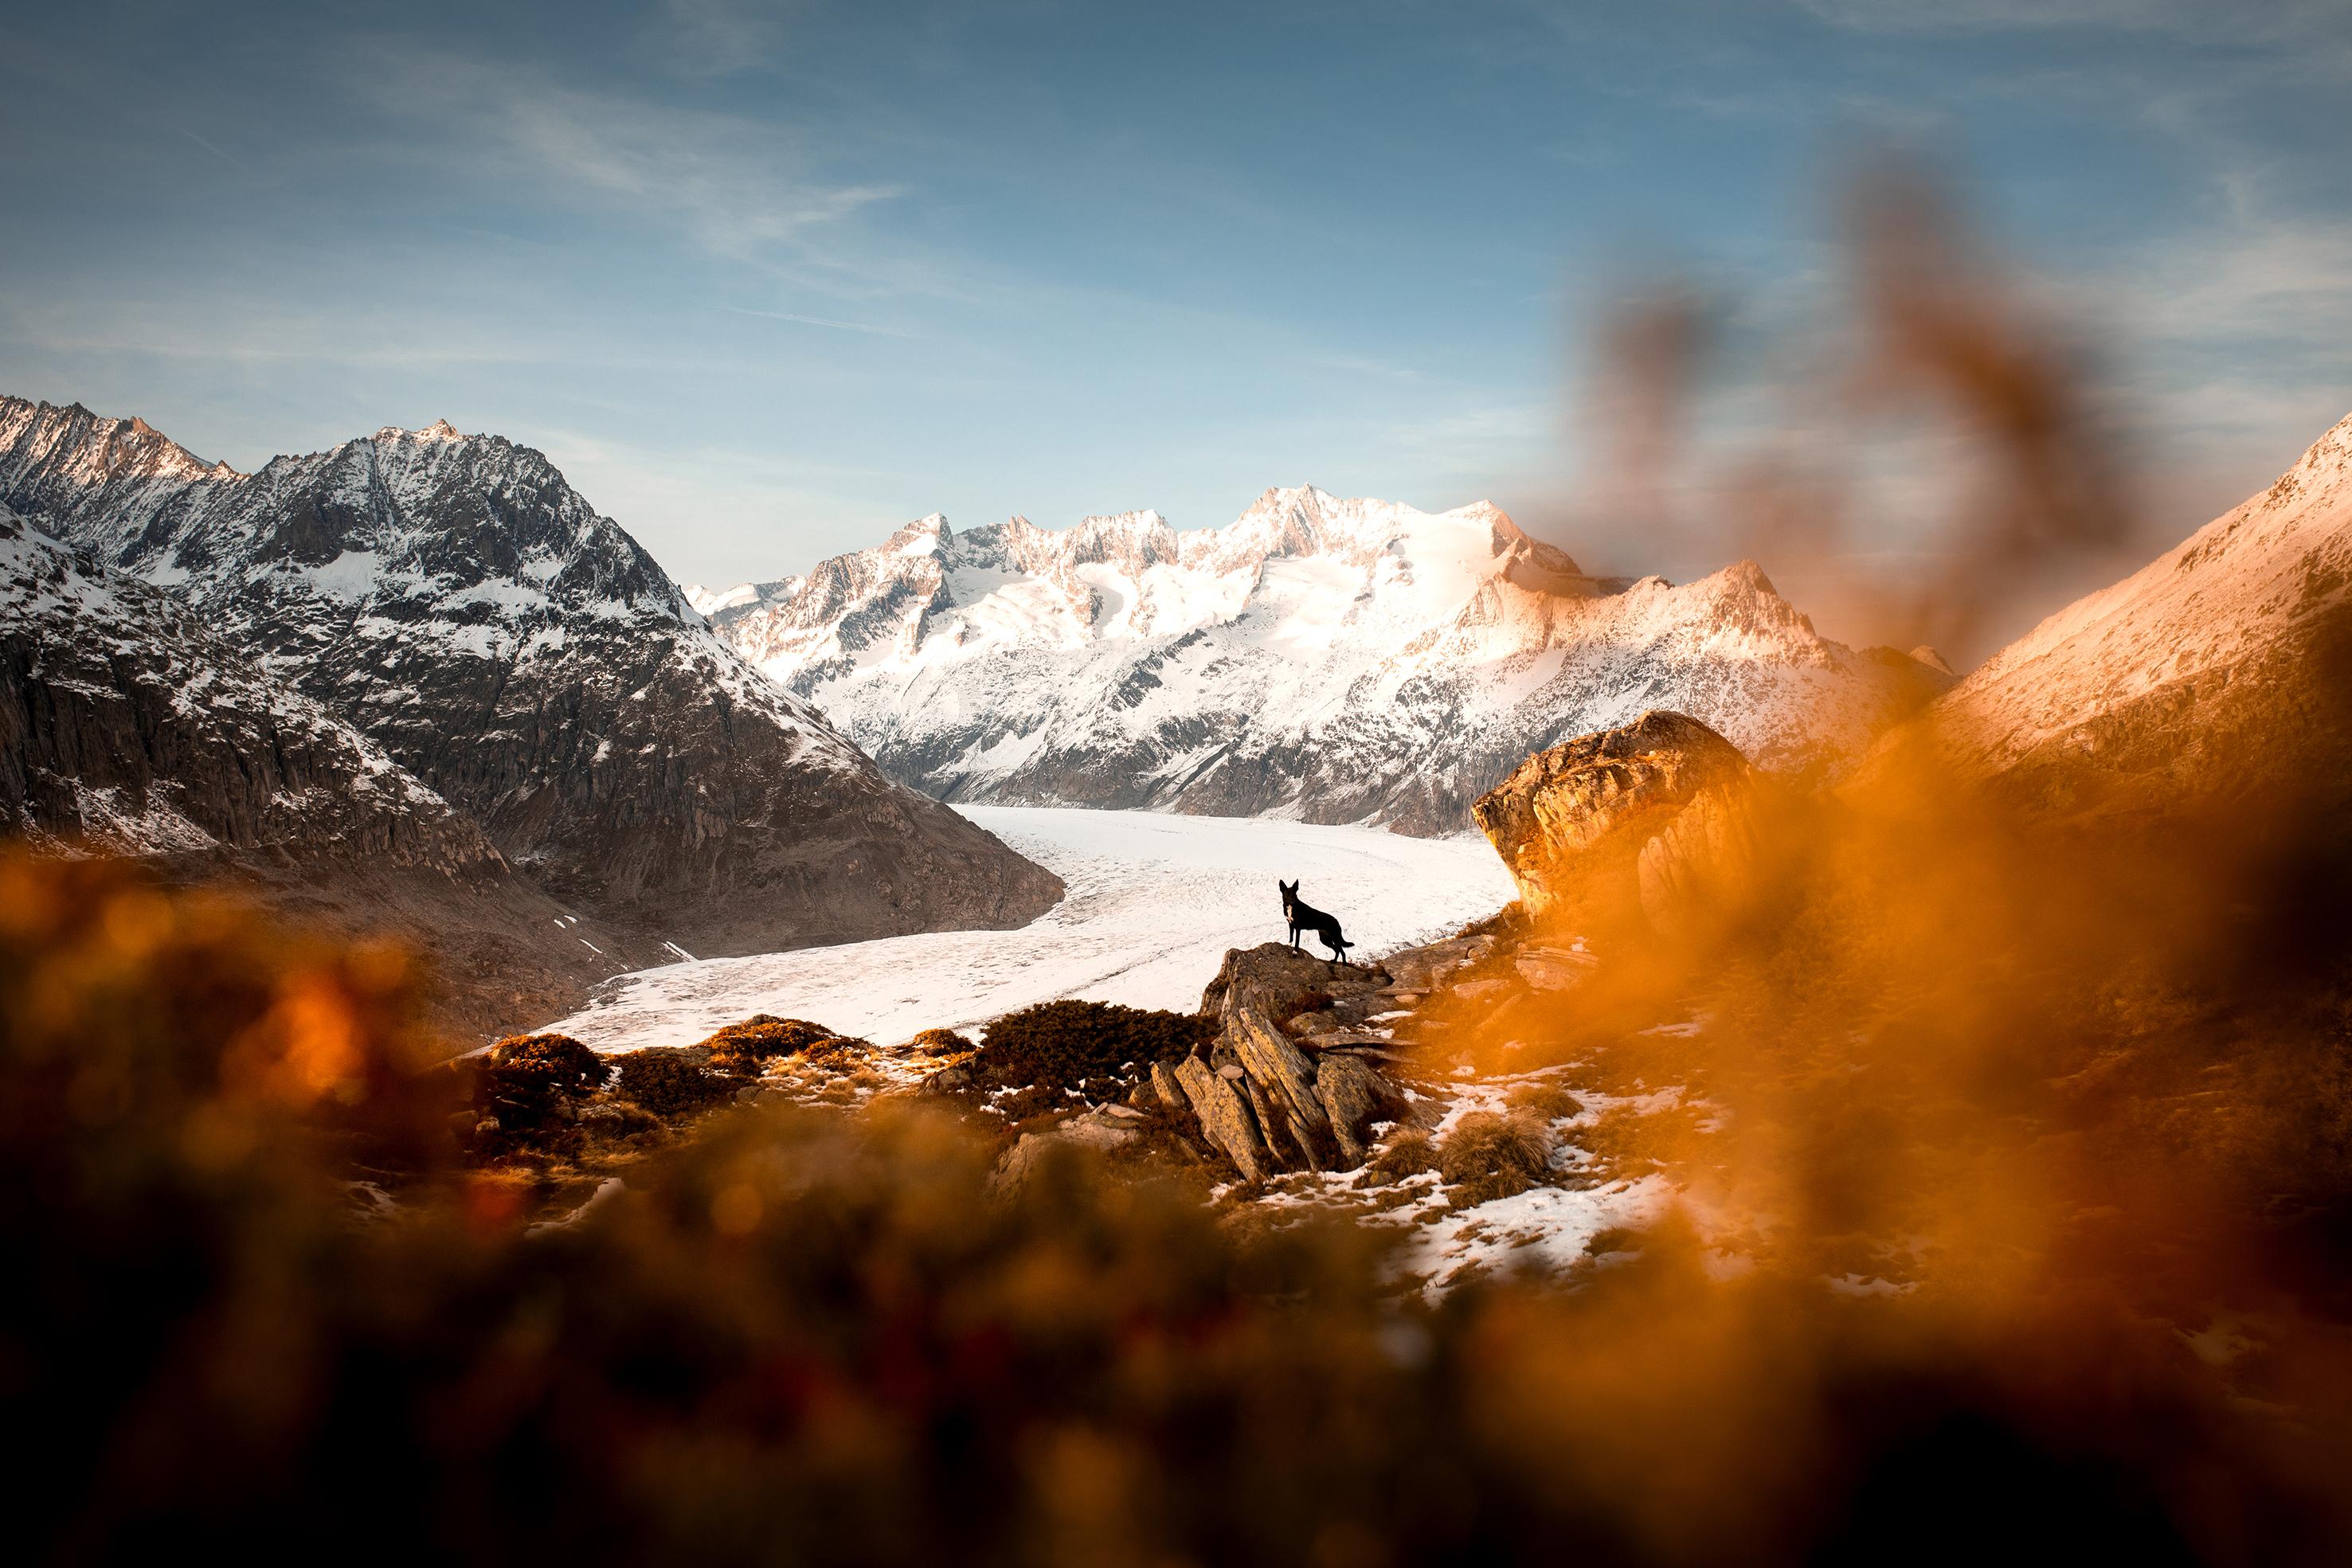 Ein schwarzer Schäferhund hebt sich markant vor dem weissen Aletschgletscher ab. Die Landschaft ist geprägt von hohen verschneiten Berggipfeln und herbstlich leuchtend orangen Heidelbeersträuchern. Der Alteschgletscher ist ein Gletscher im Kanton Wallis der Schweiz.